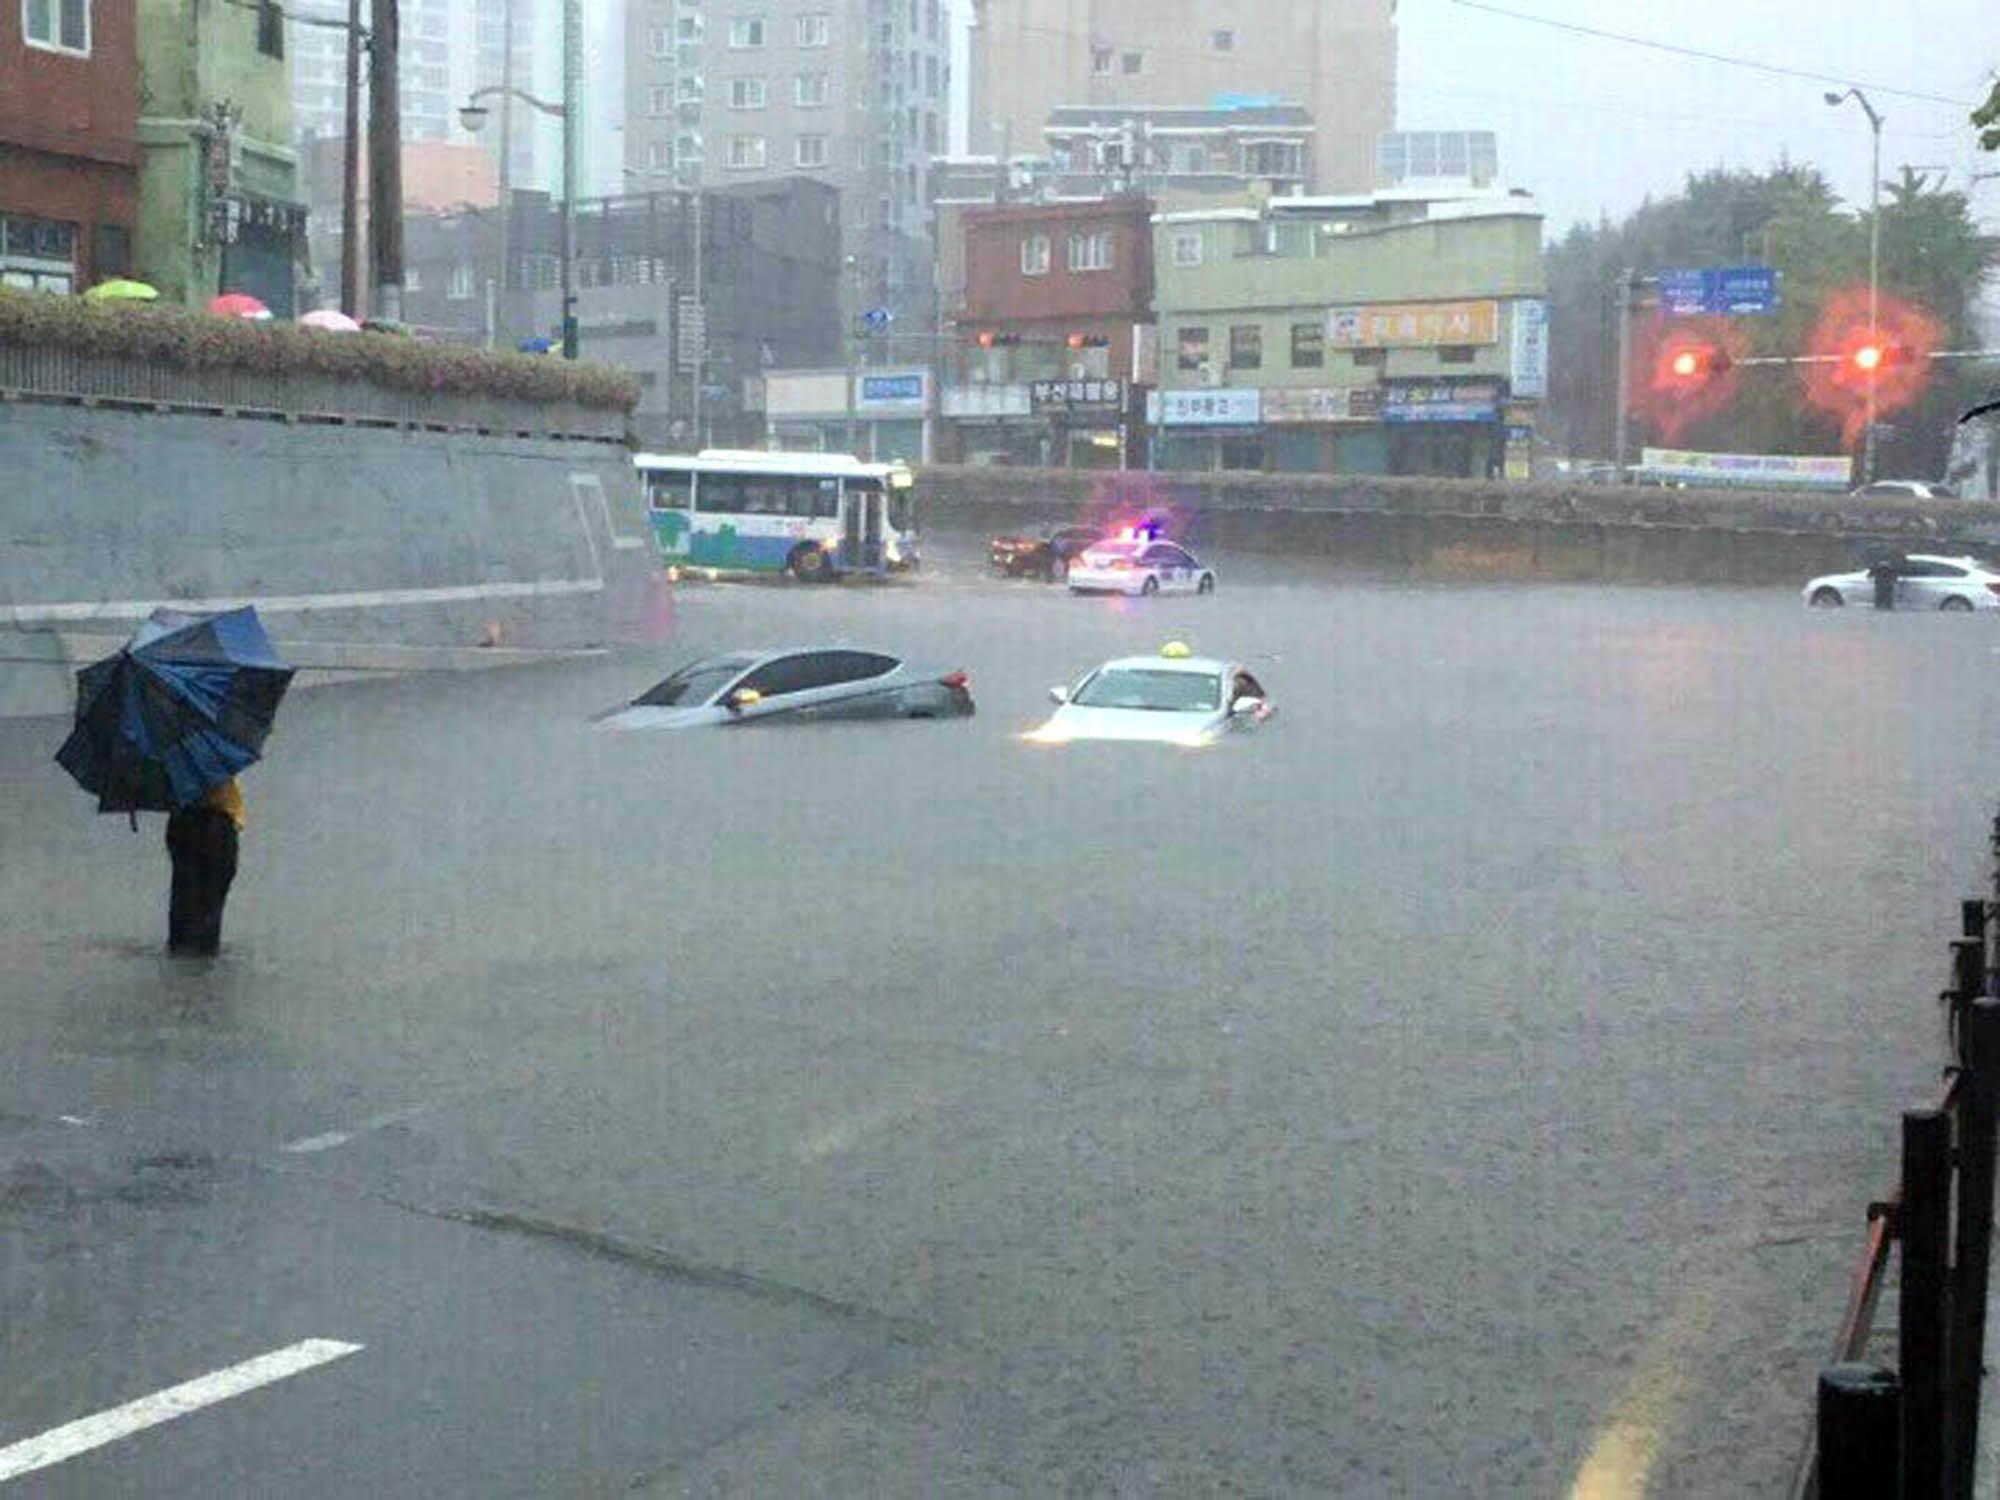 부산에 시간당 100㎜의 비가 쏟아진 지난 9월 11일 연제 구 등의 도로는 침수됐고, 중구 에선 주택이 붕괴됐다. 갑자기 불어난 물에 가야대로에서 차량이 침수됐다.  [사진제공=독자]